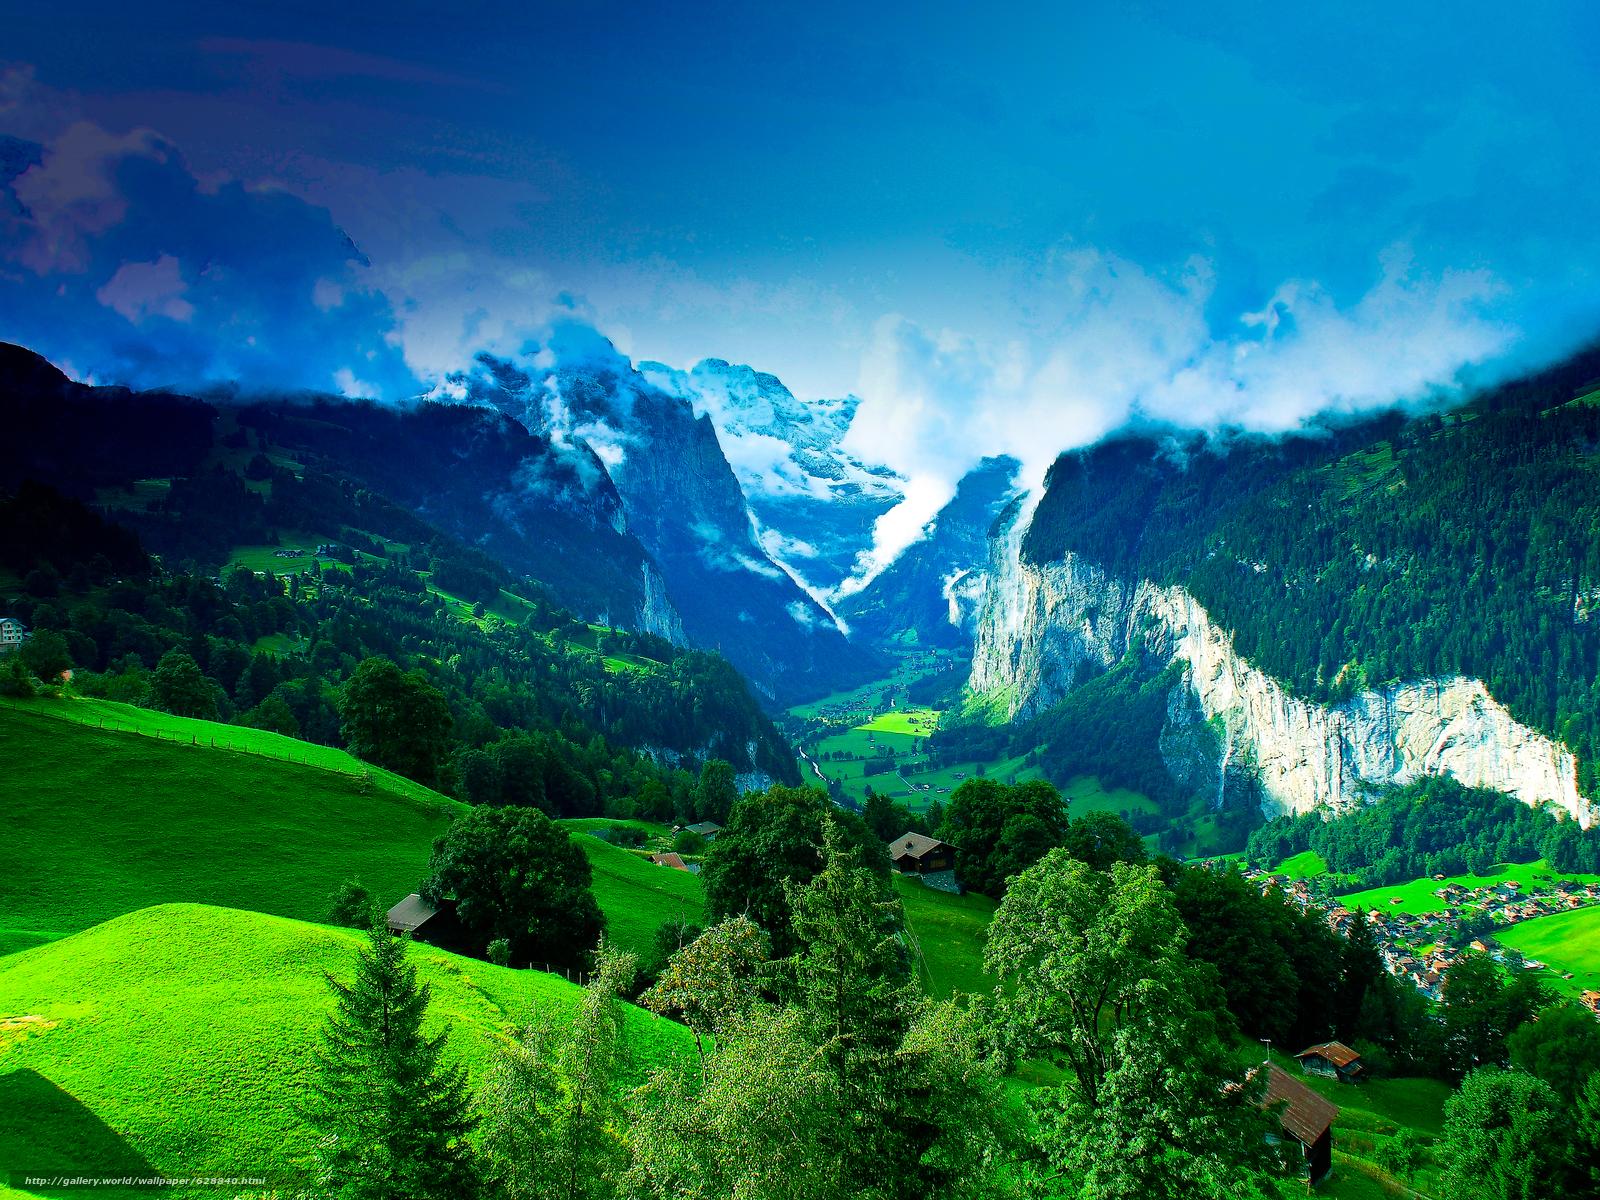 Скачать на телефон обои фото картинку на тему горы, холмы, деревья, дома, италия, пейзаж, разширение 4608x3456